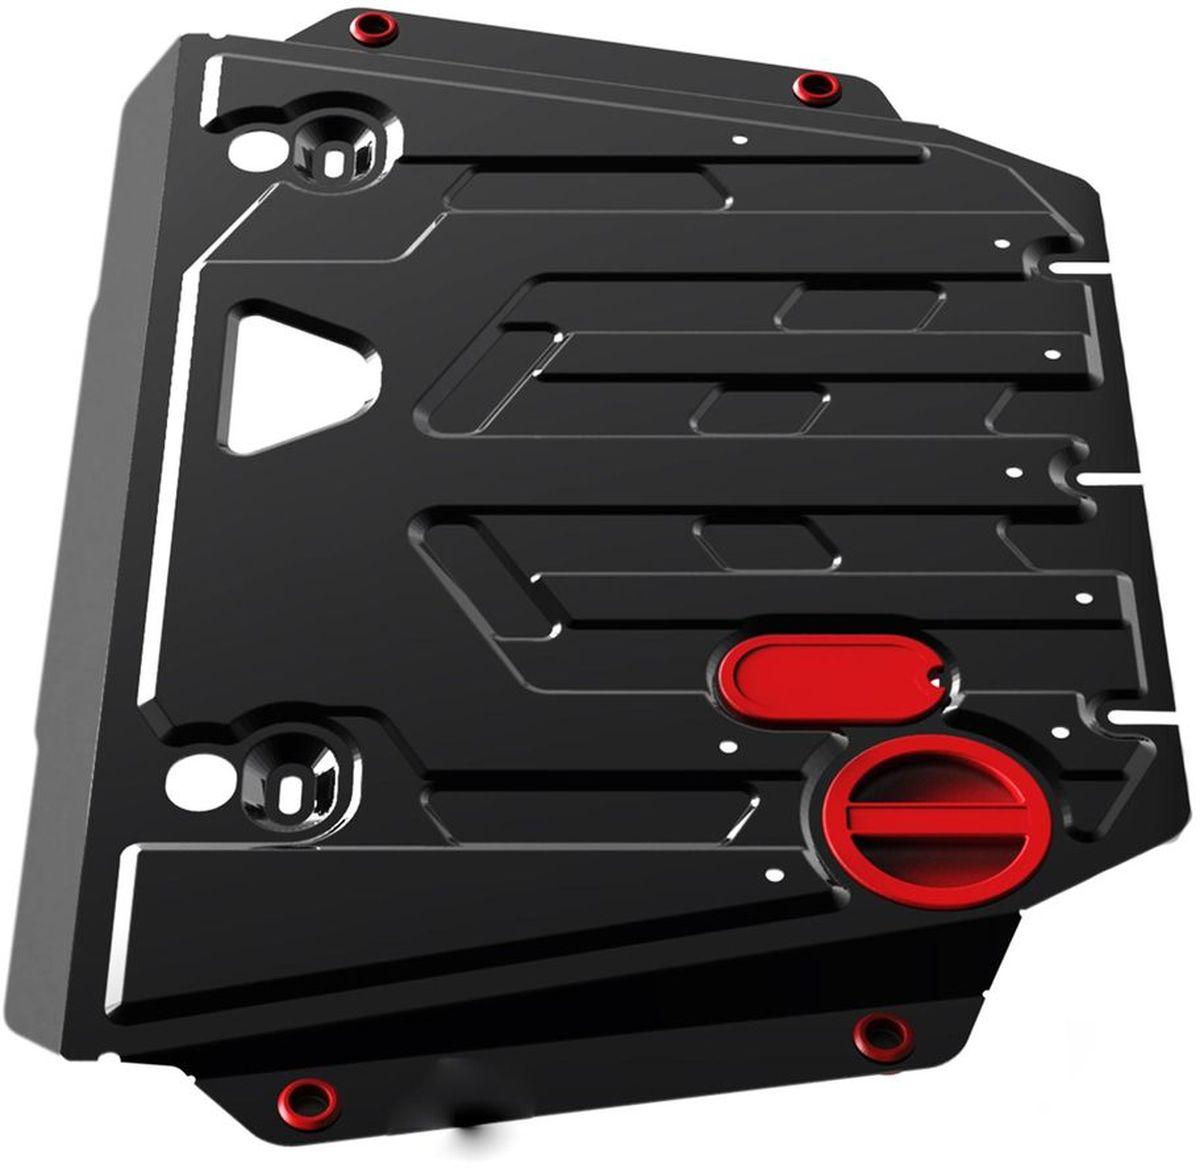 Защита картера и КПП Автоброня, для Lifan X50, V-1.5 (2014-)111.03314.1Технологически совершенный продукт за невысокую стоимость. Защита разработана с учетом особенностей днища автомобиля, что позволяет сохранить дорожный просвет с минимальным изменением. Защита устанавливается в штатные места кузова автомобиля. Глубокий штамп обеспечивает до двух раз больше жесткости в сравнении с обычной защитой той же толщины. Проштампованные ребра жесткости препятствуют деформации защиты при ударах. Тепловой зазор и вентиляционные отверстия обеспечивают сохранение температурного режима двигателя в норме. Скрытый крепеж предотвращает срыв крепежных элементов при наезде на препятствие. Шумопоглощающие резиновые элементы обеспечивают комфортную езду без вибраций и скрежета металла, а съемные лючки для слива масла и замены фильтра - экономию средств и время. Конструкция изделия не влияет на пассивную безопасность автомобиля (при ударе защита не воздействует на деформационные зоны кузова). Со штатным крепежом. В комплекте инструкция по установке....